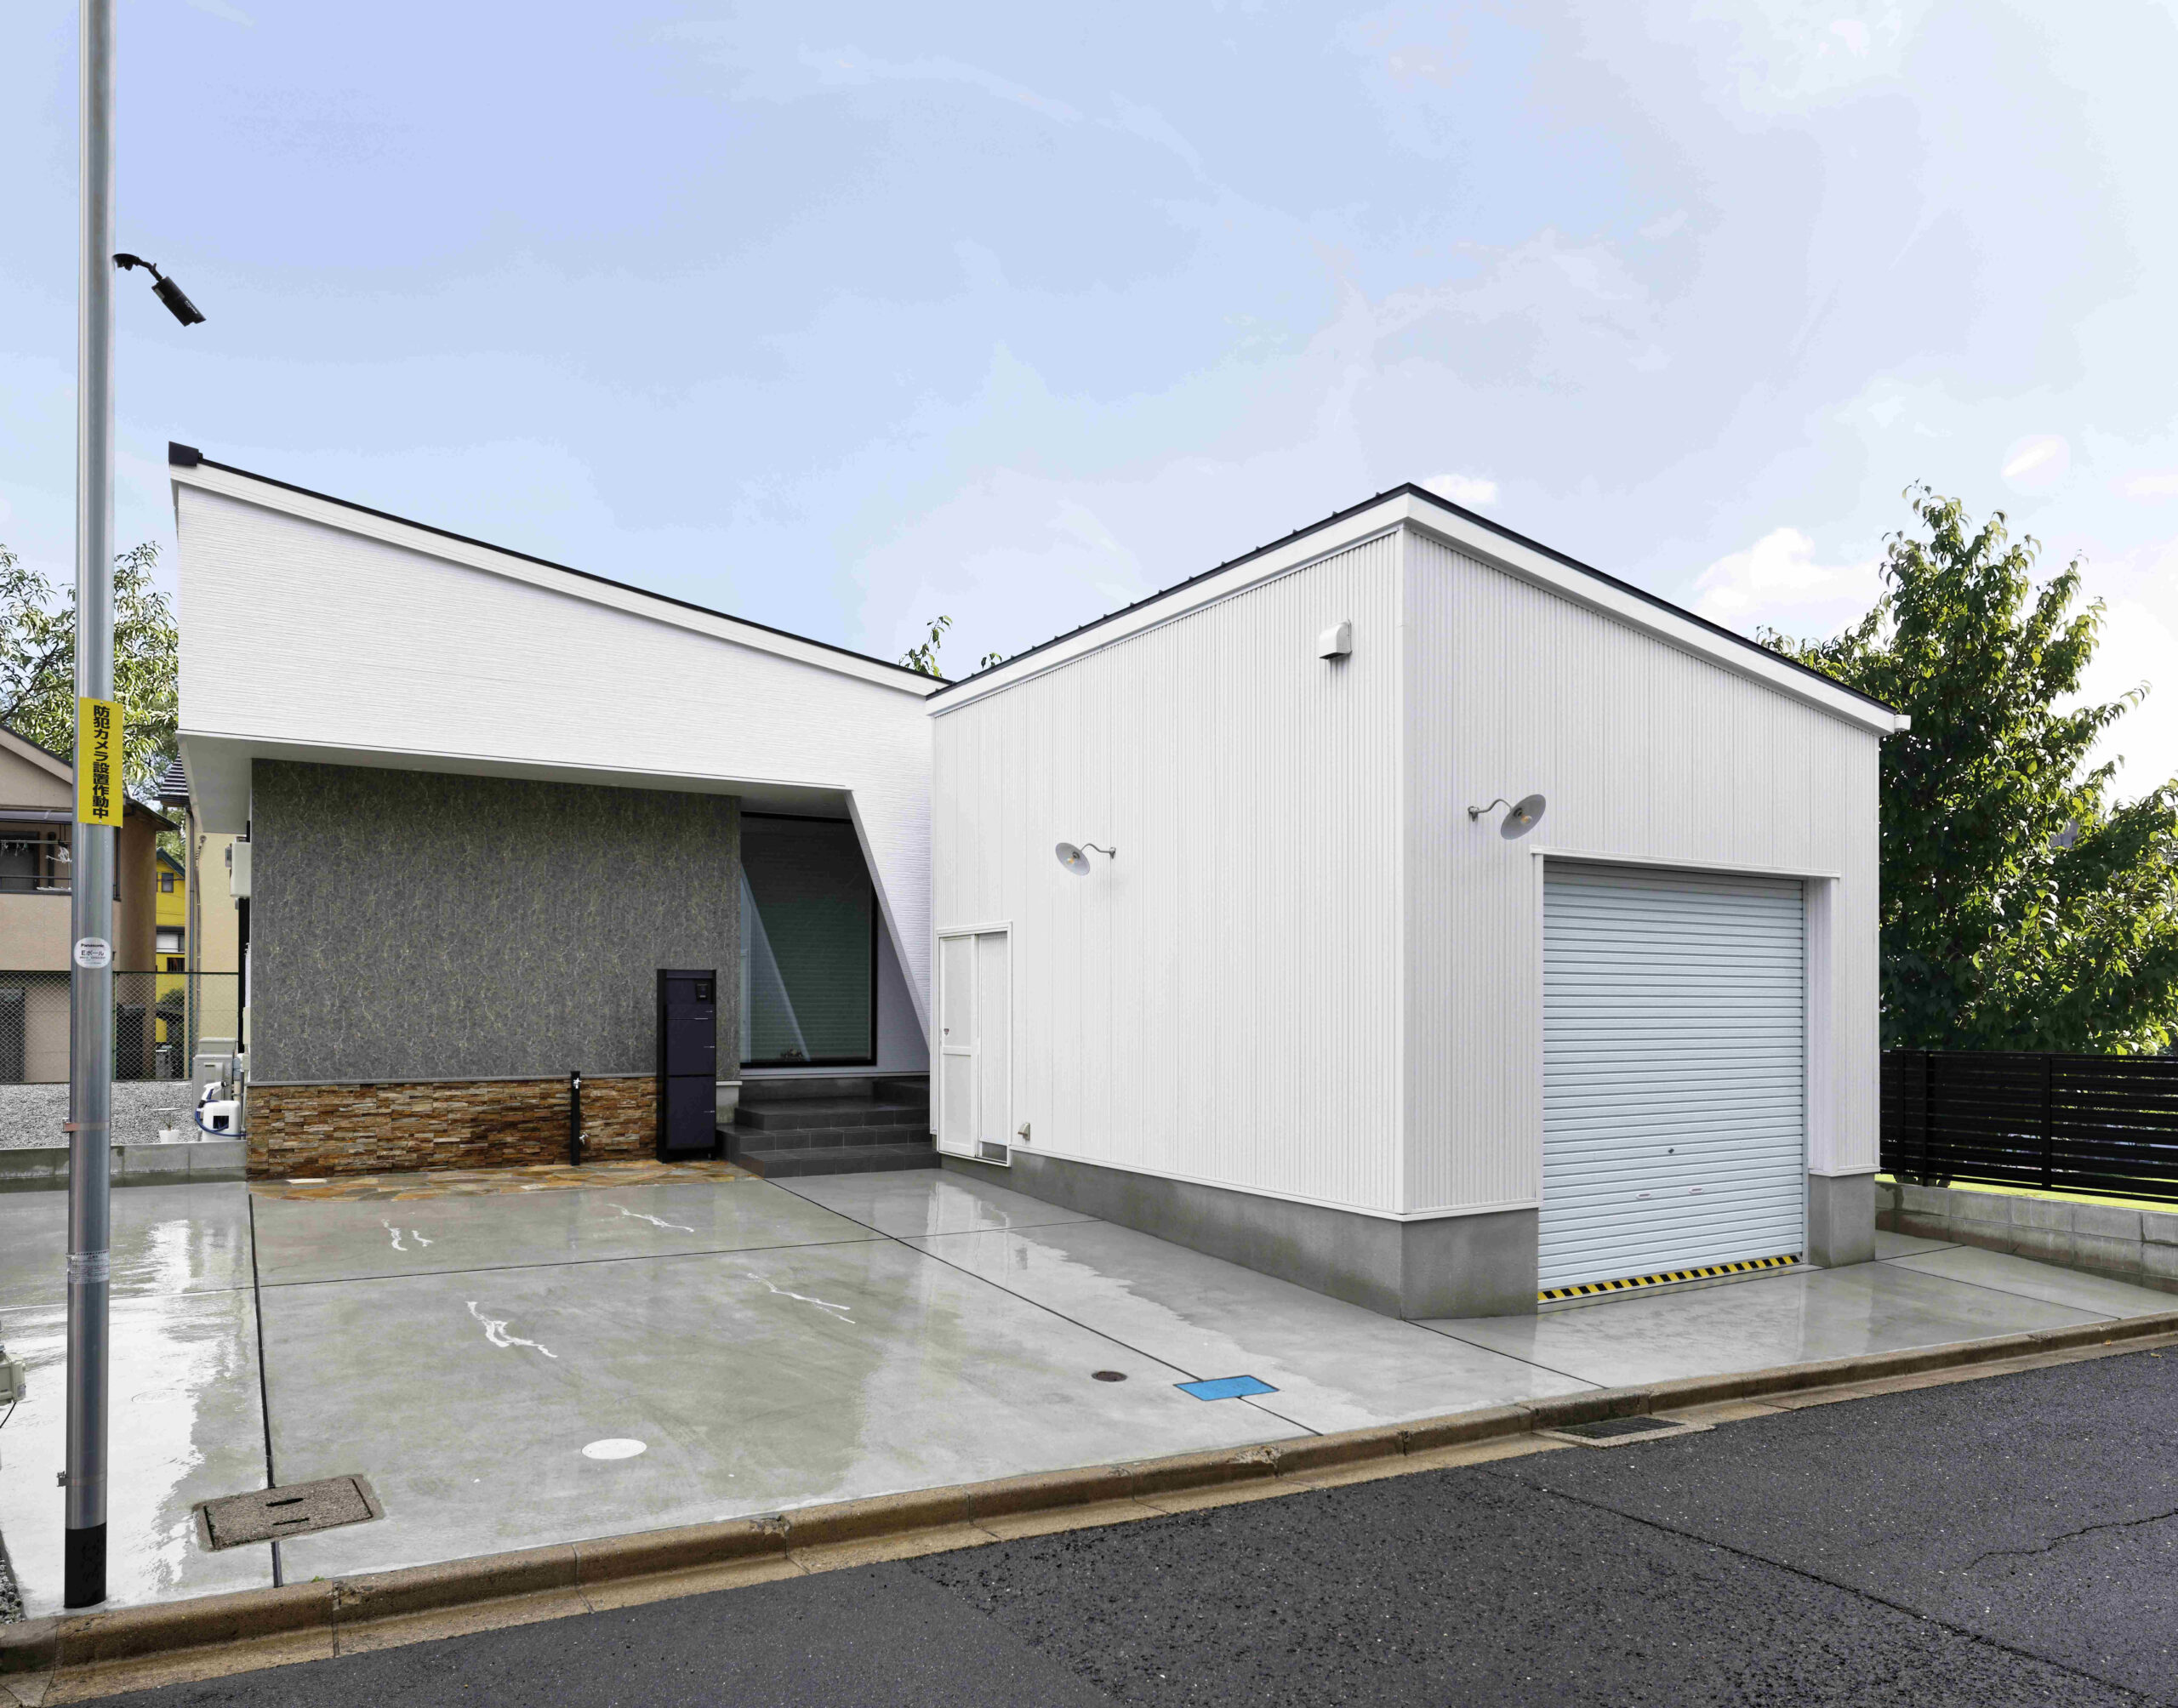 平屋とガレージ。玄関位置、中庭など建物とのつながり感がポイントになります